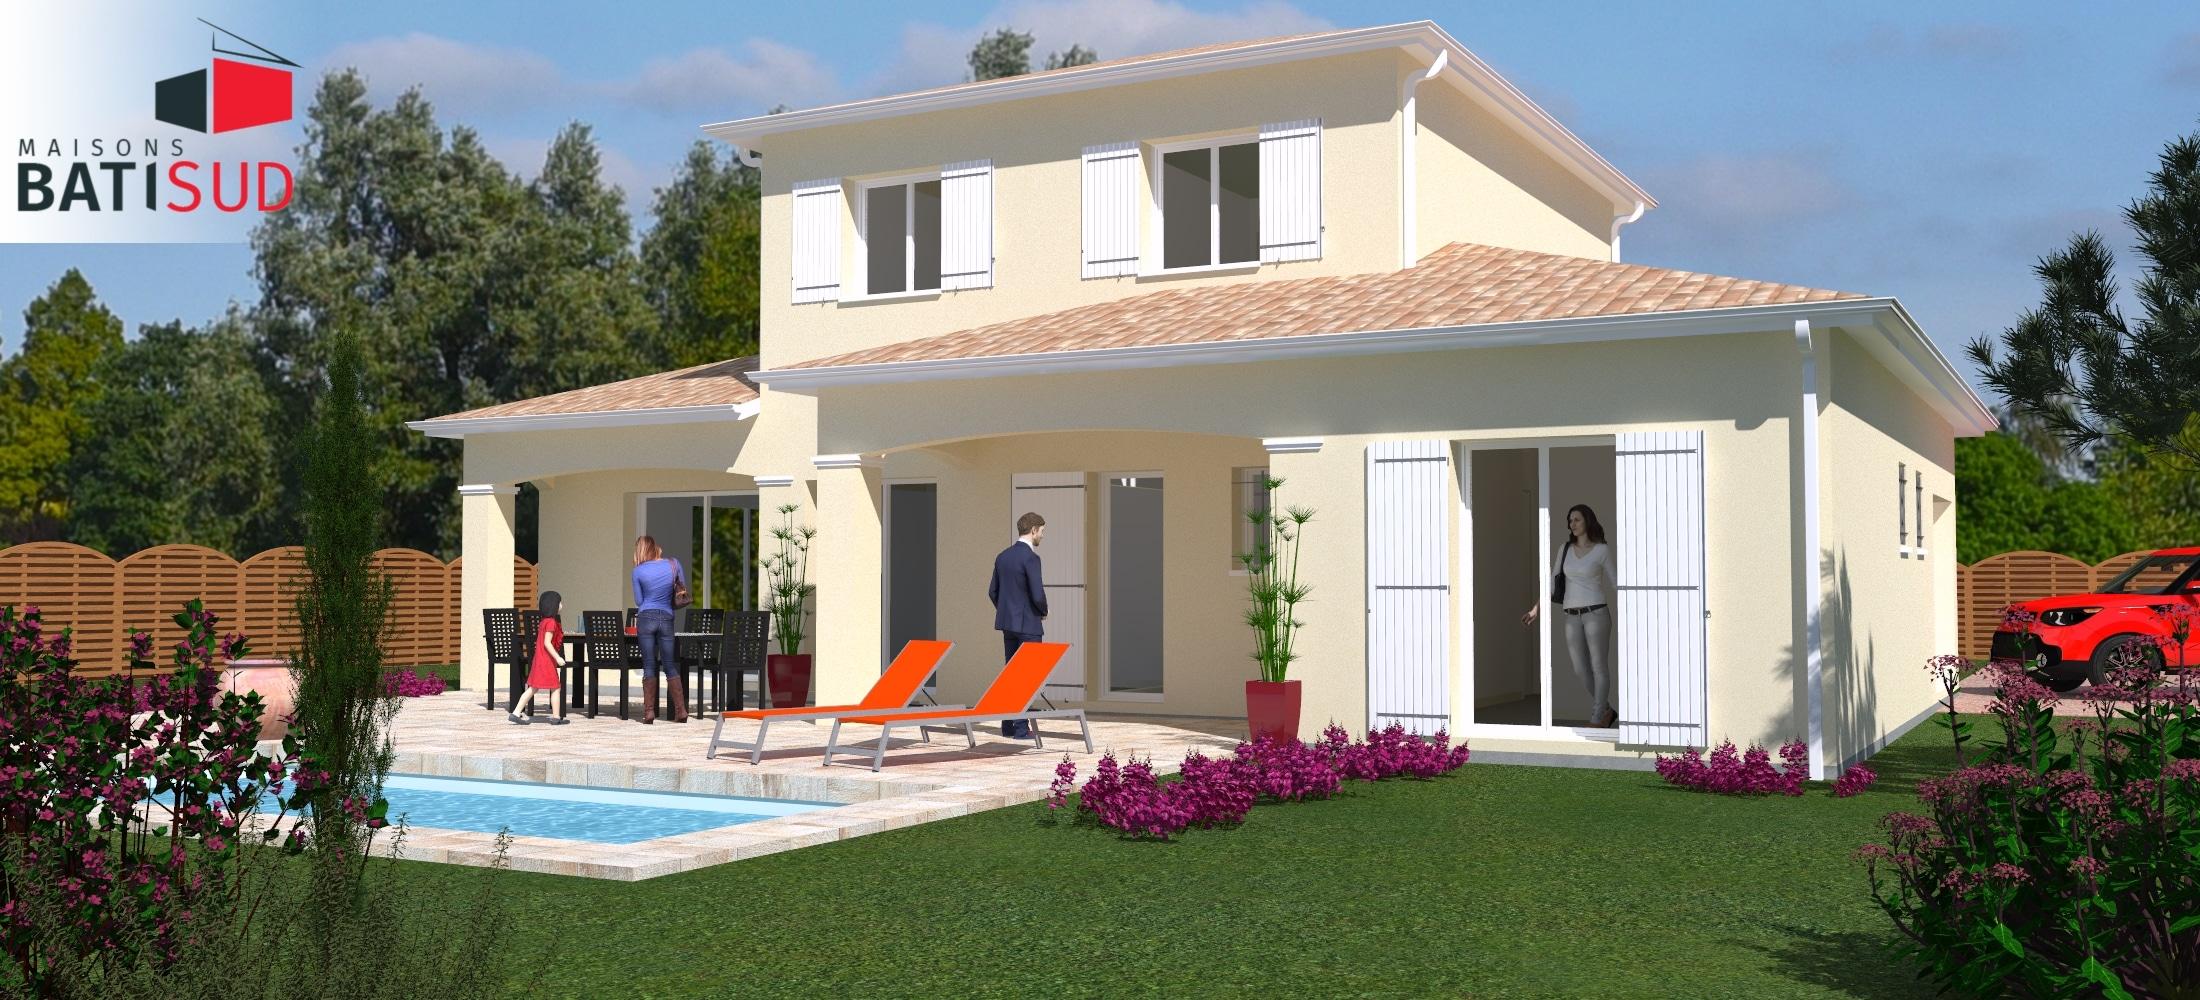 Maisons Bati Sud : Maison de 132m² à étage familiale à Carignan-de-Bordeaux